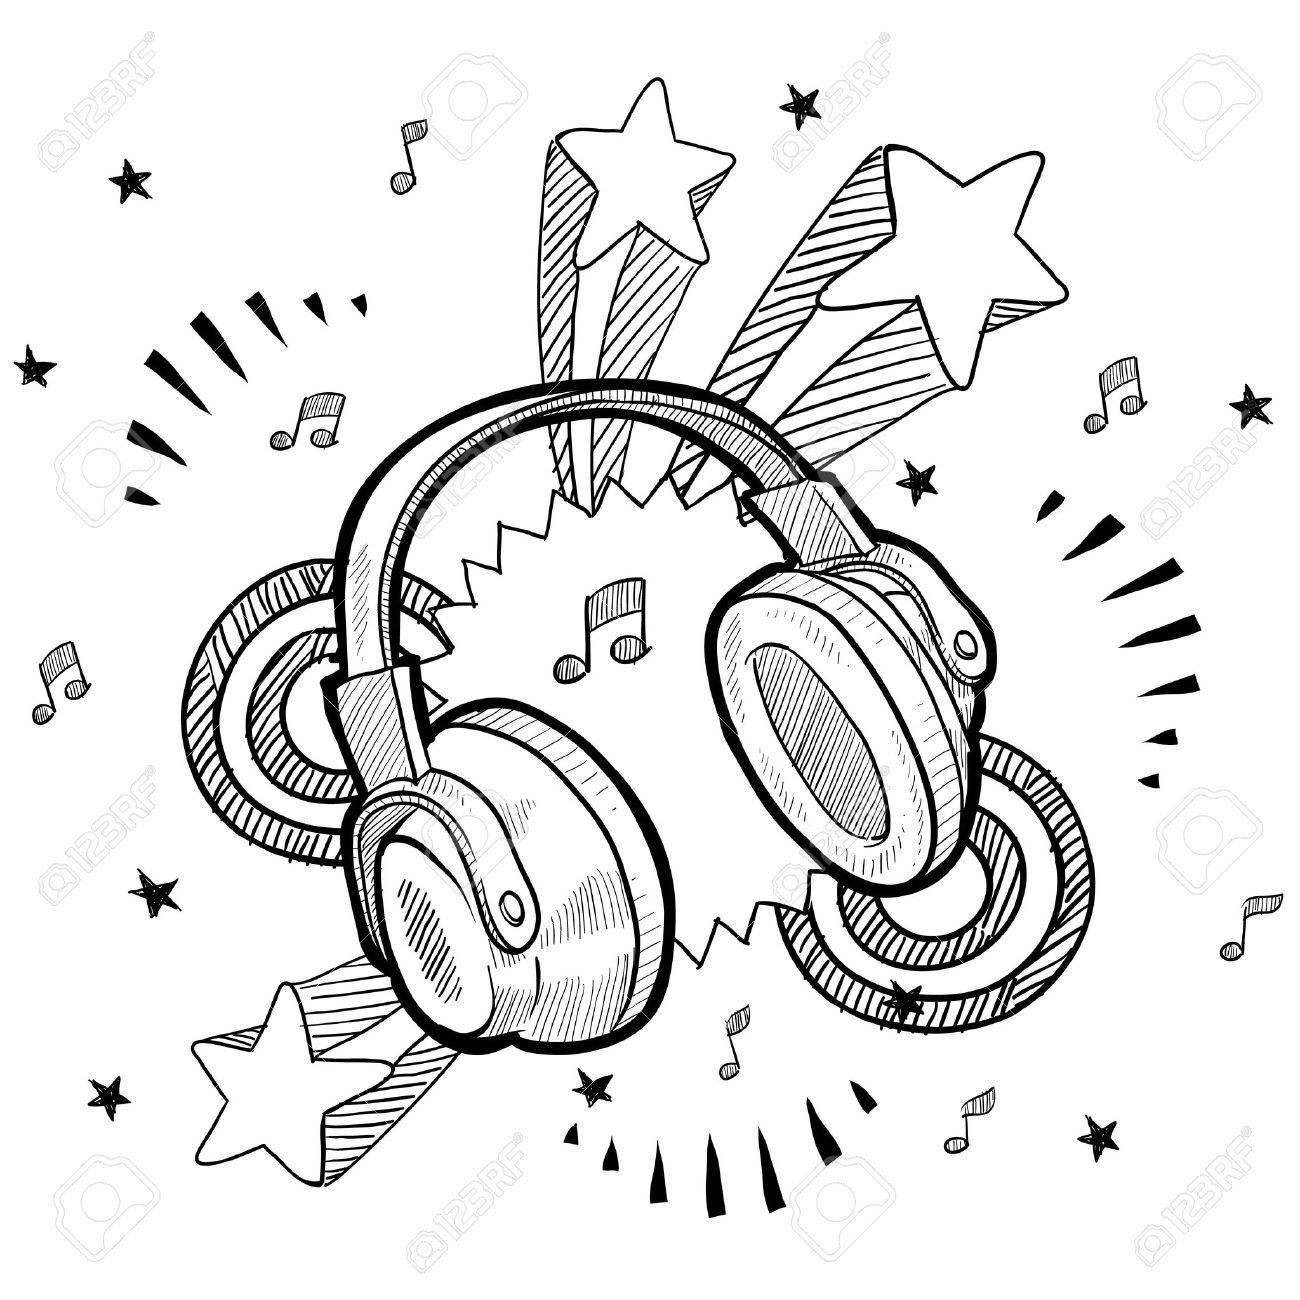 Doodle Style Audio Headphones Illustration With Retro 1970s Pop ...